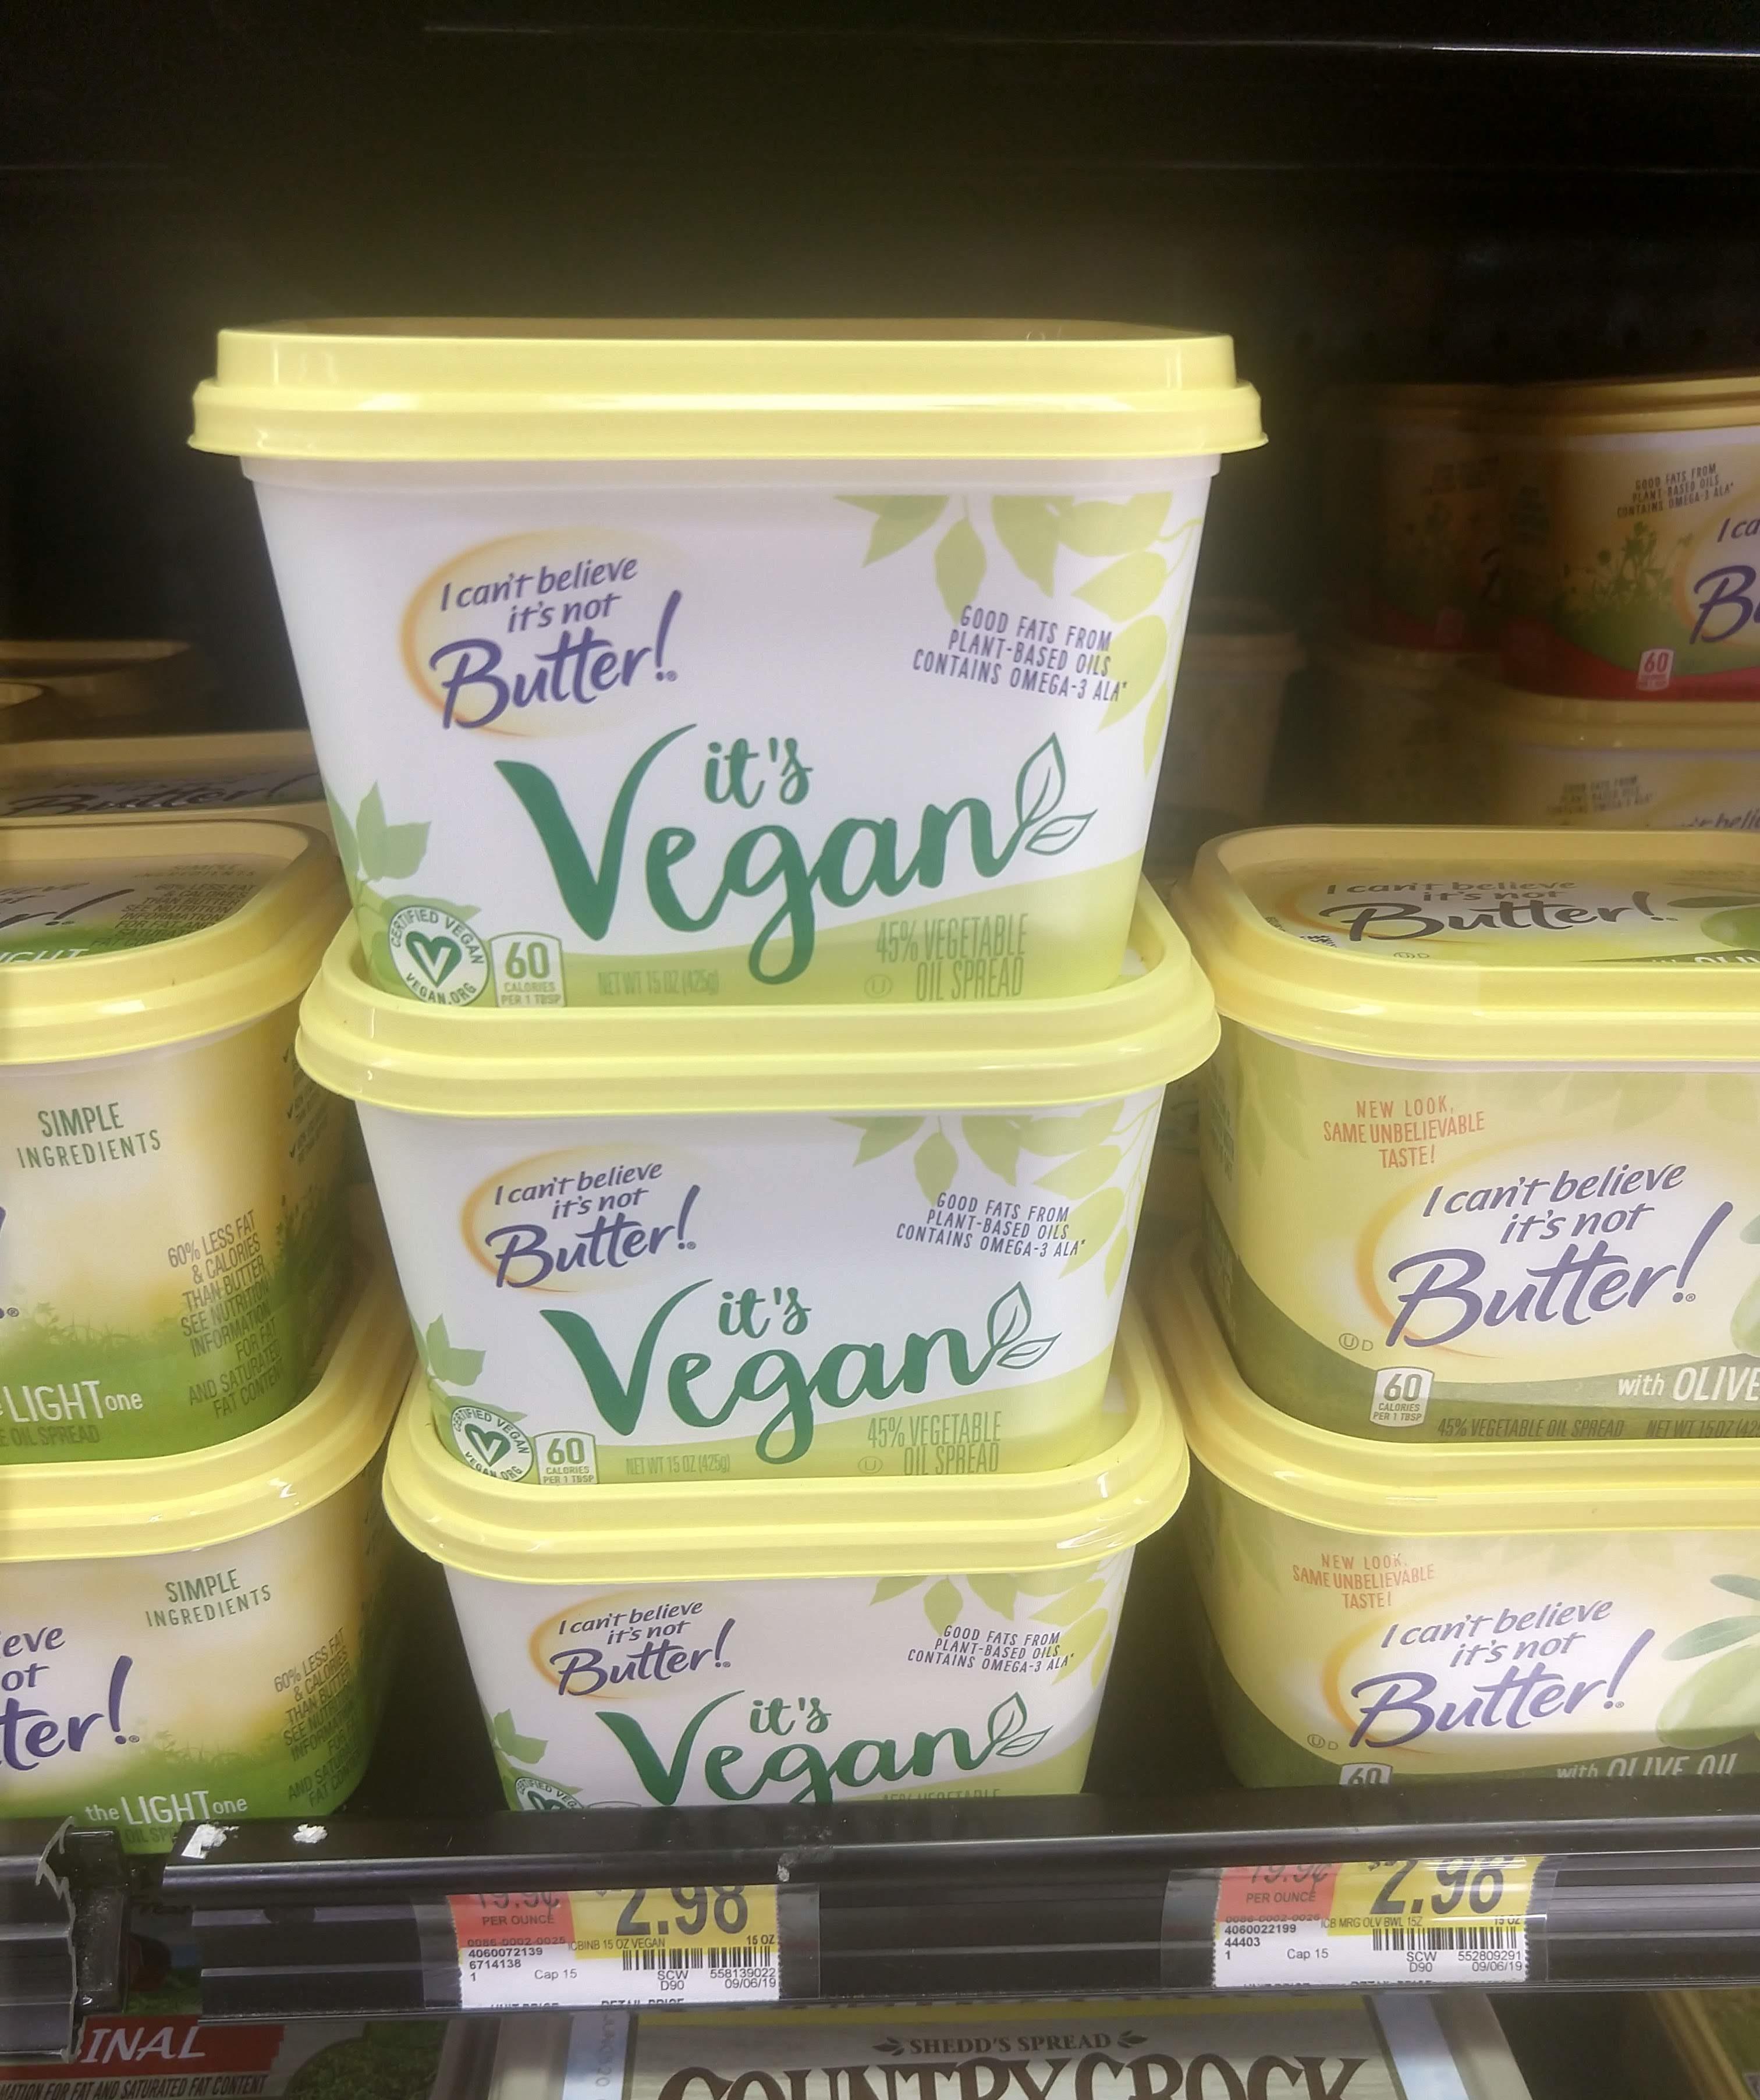 Walmart: I Can't Believe It's Not Butter It's Vegan Only $0.46!